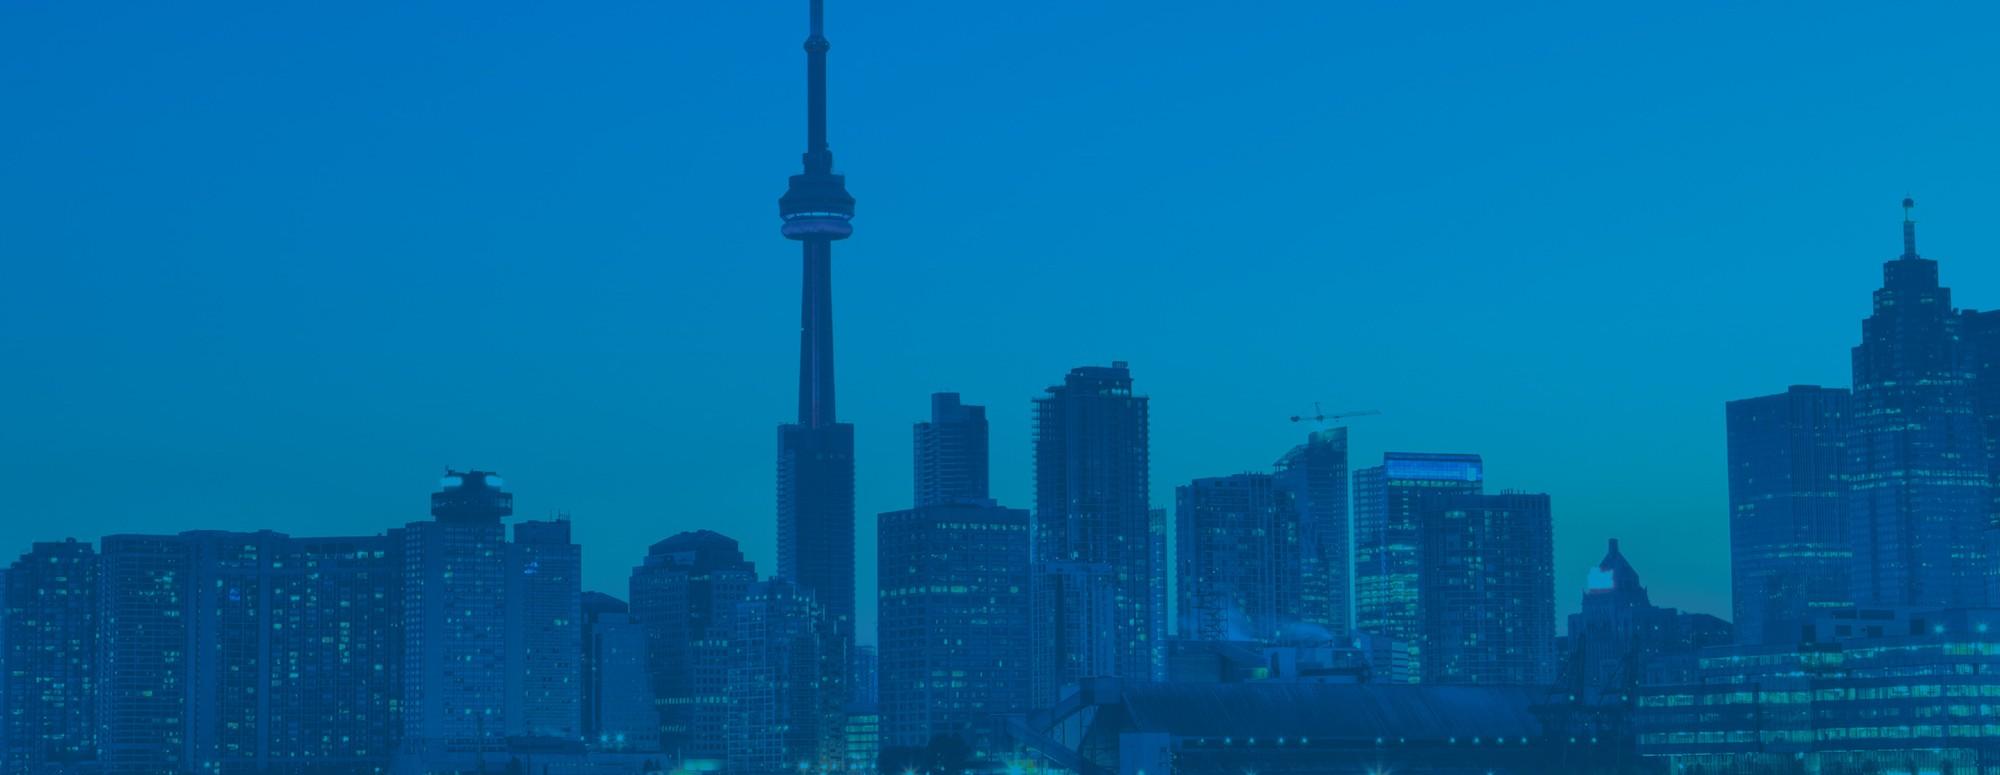 Great Lakes Economic Forum 2016: Toronto